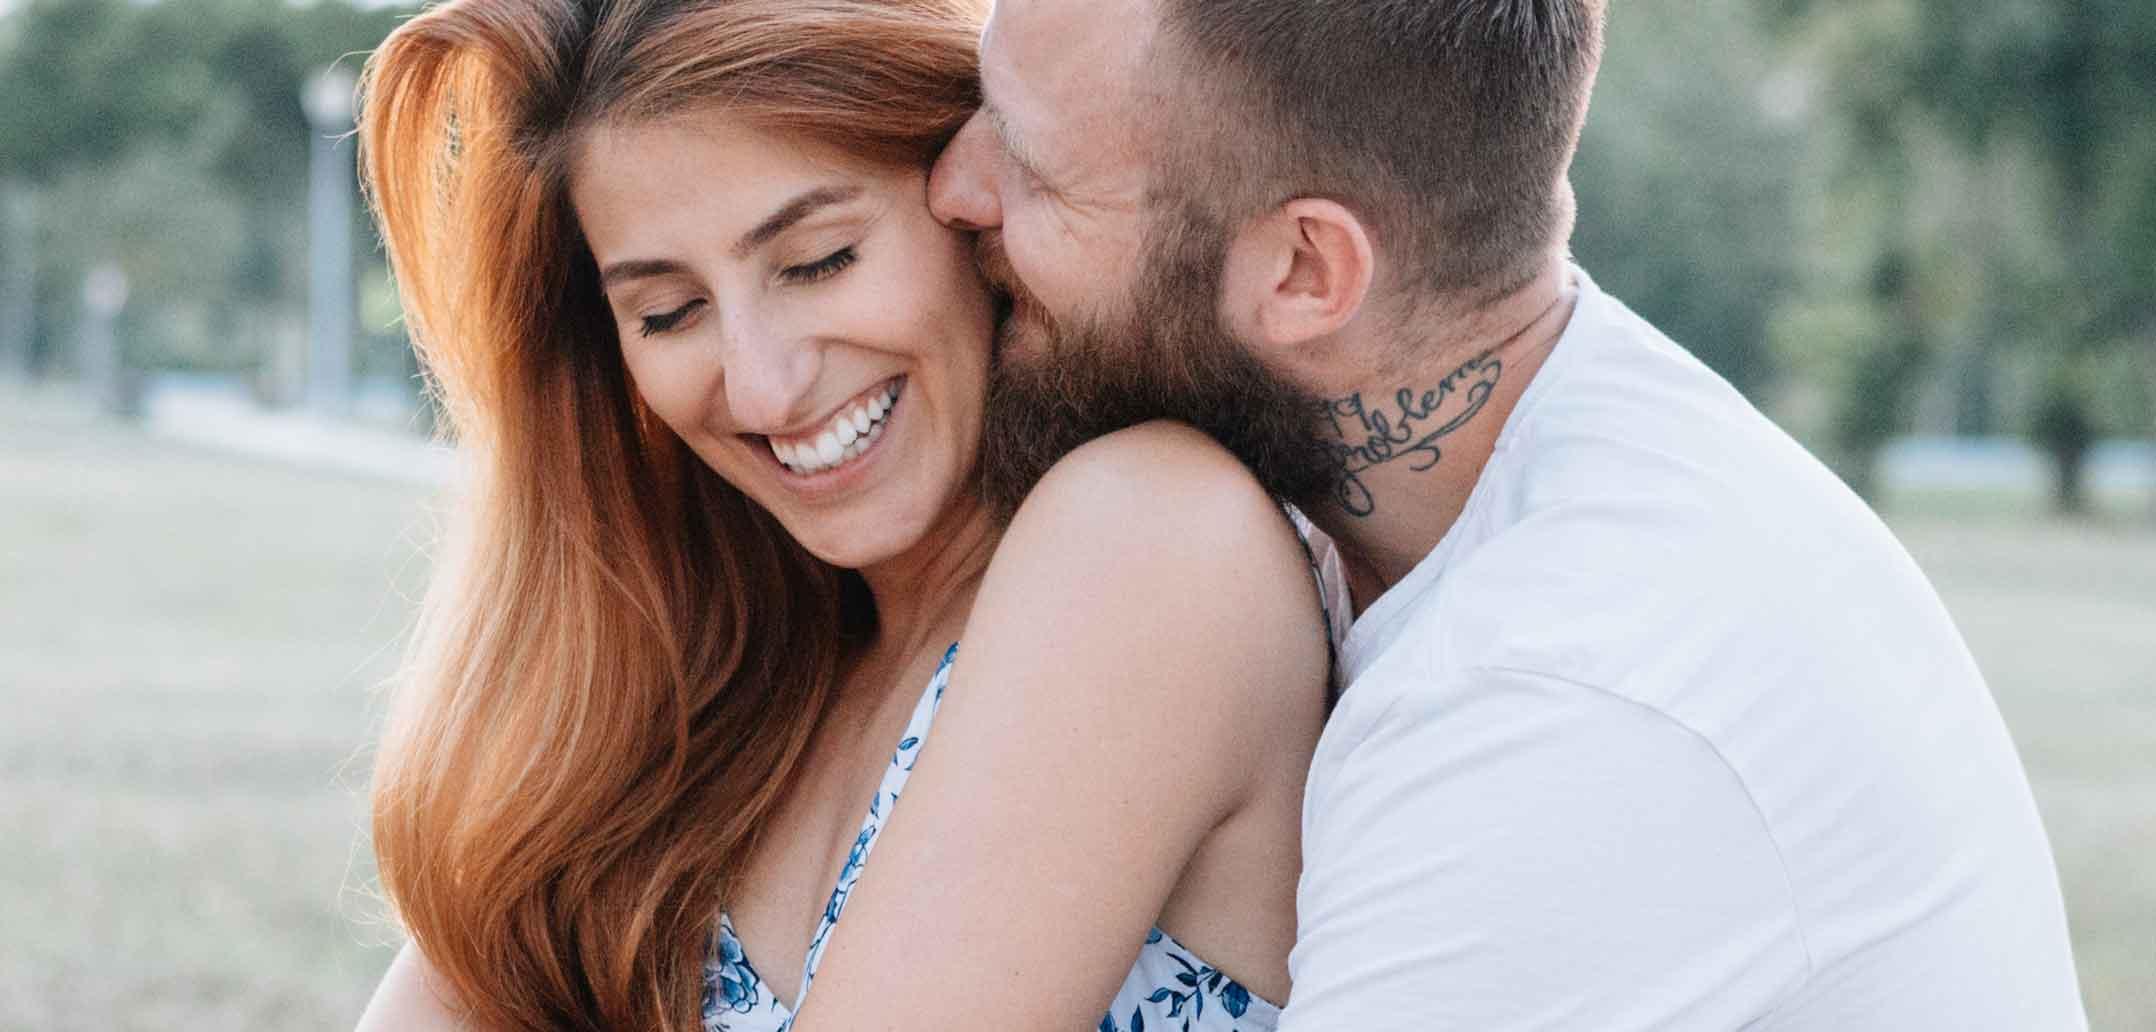 Warum ist es oft so schwer mit dem Partner über seine Vorlieben und Wünsche zu sprechen?